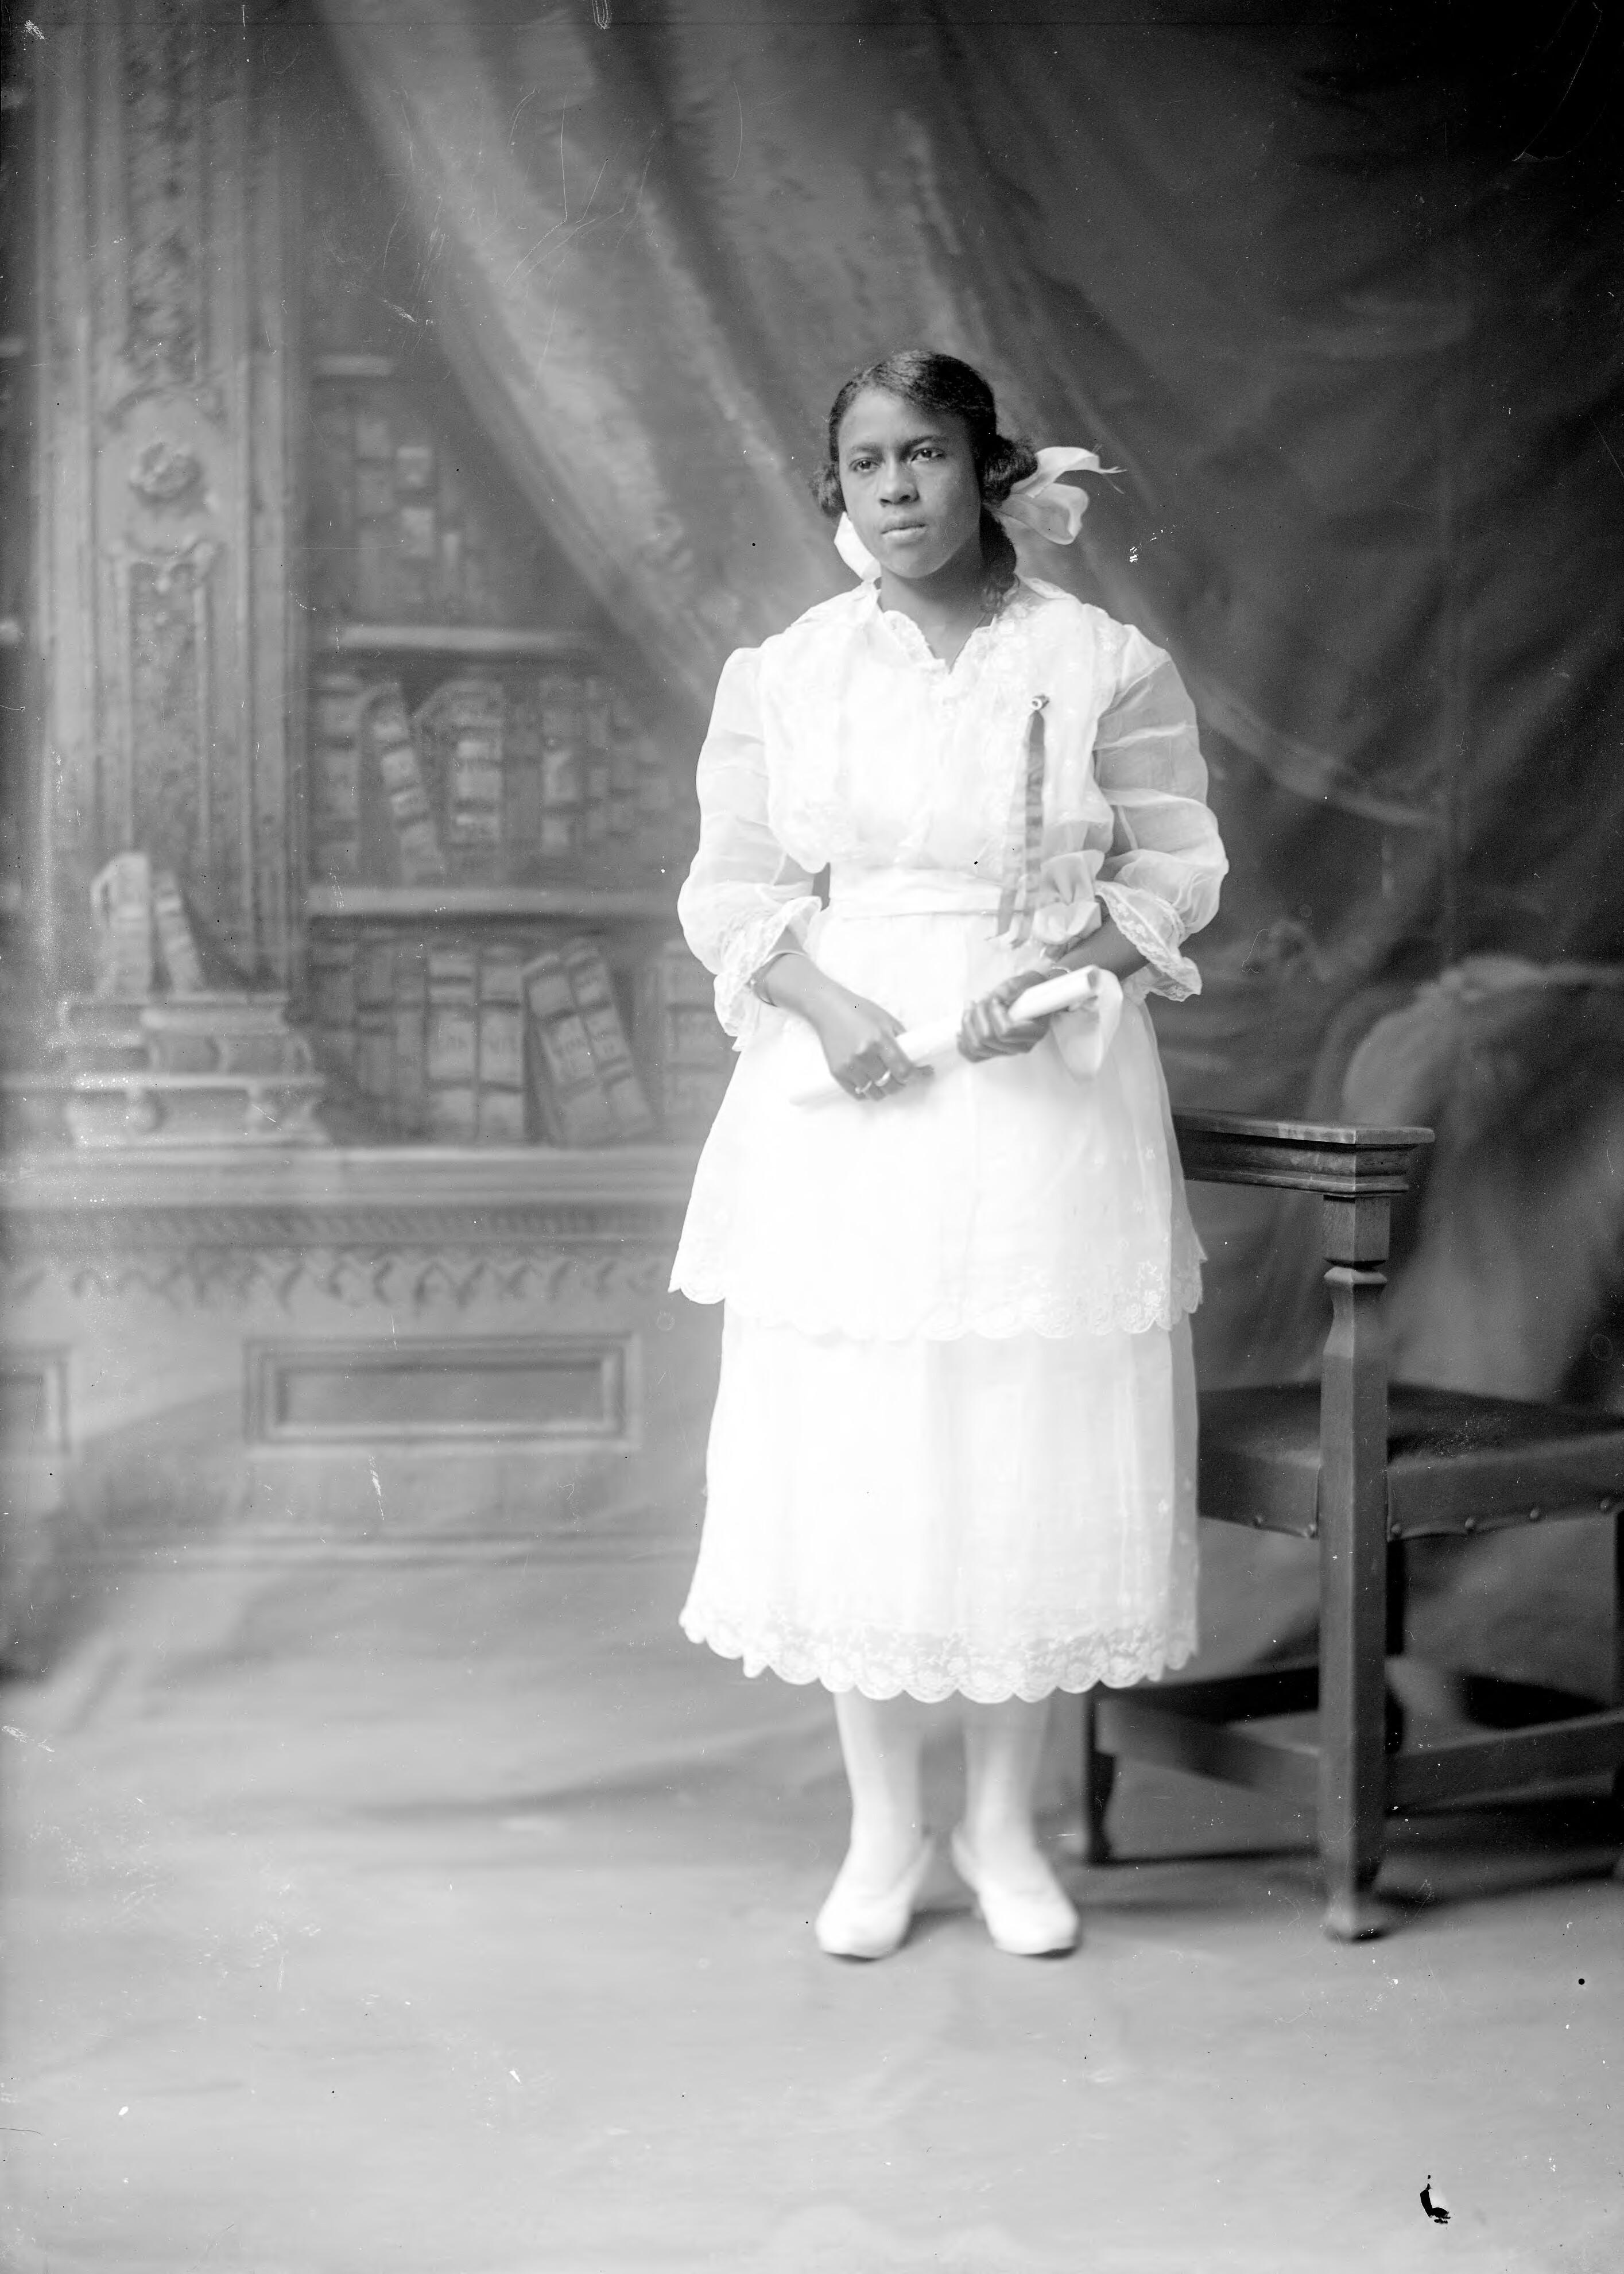 Miss Maude Henry